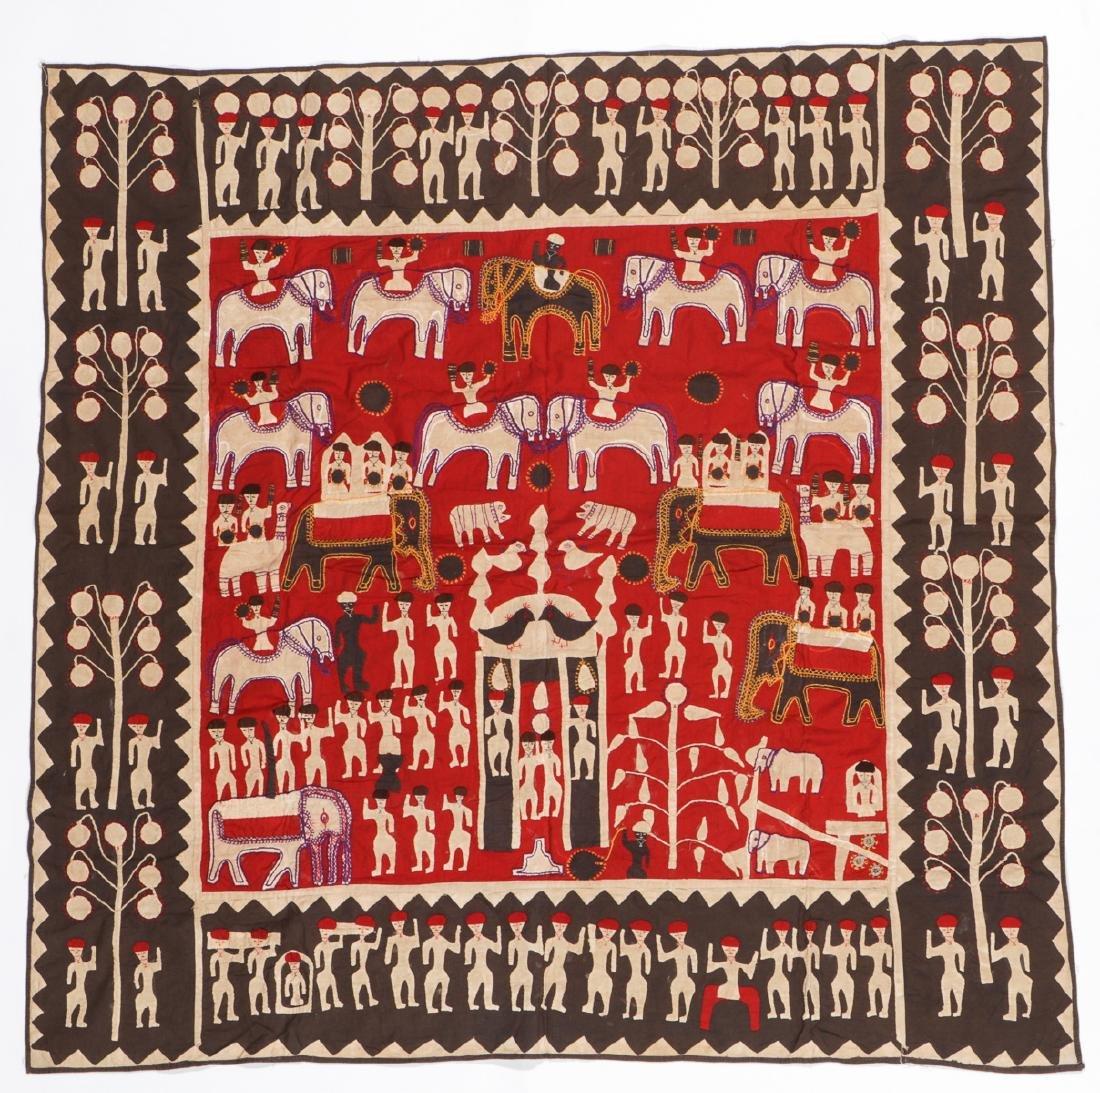 2 Indian Textiles: Kanduri and Bandhani - 2